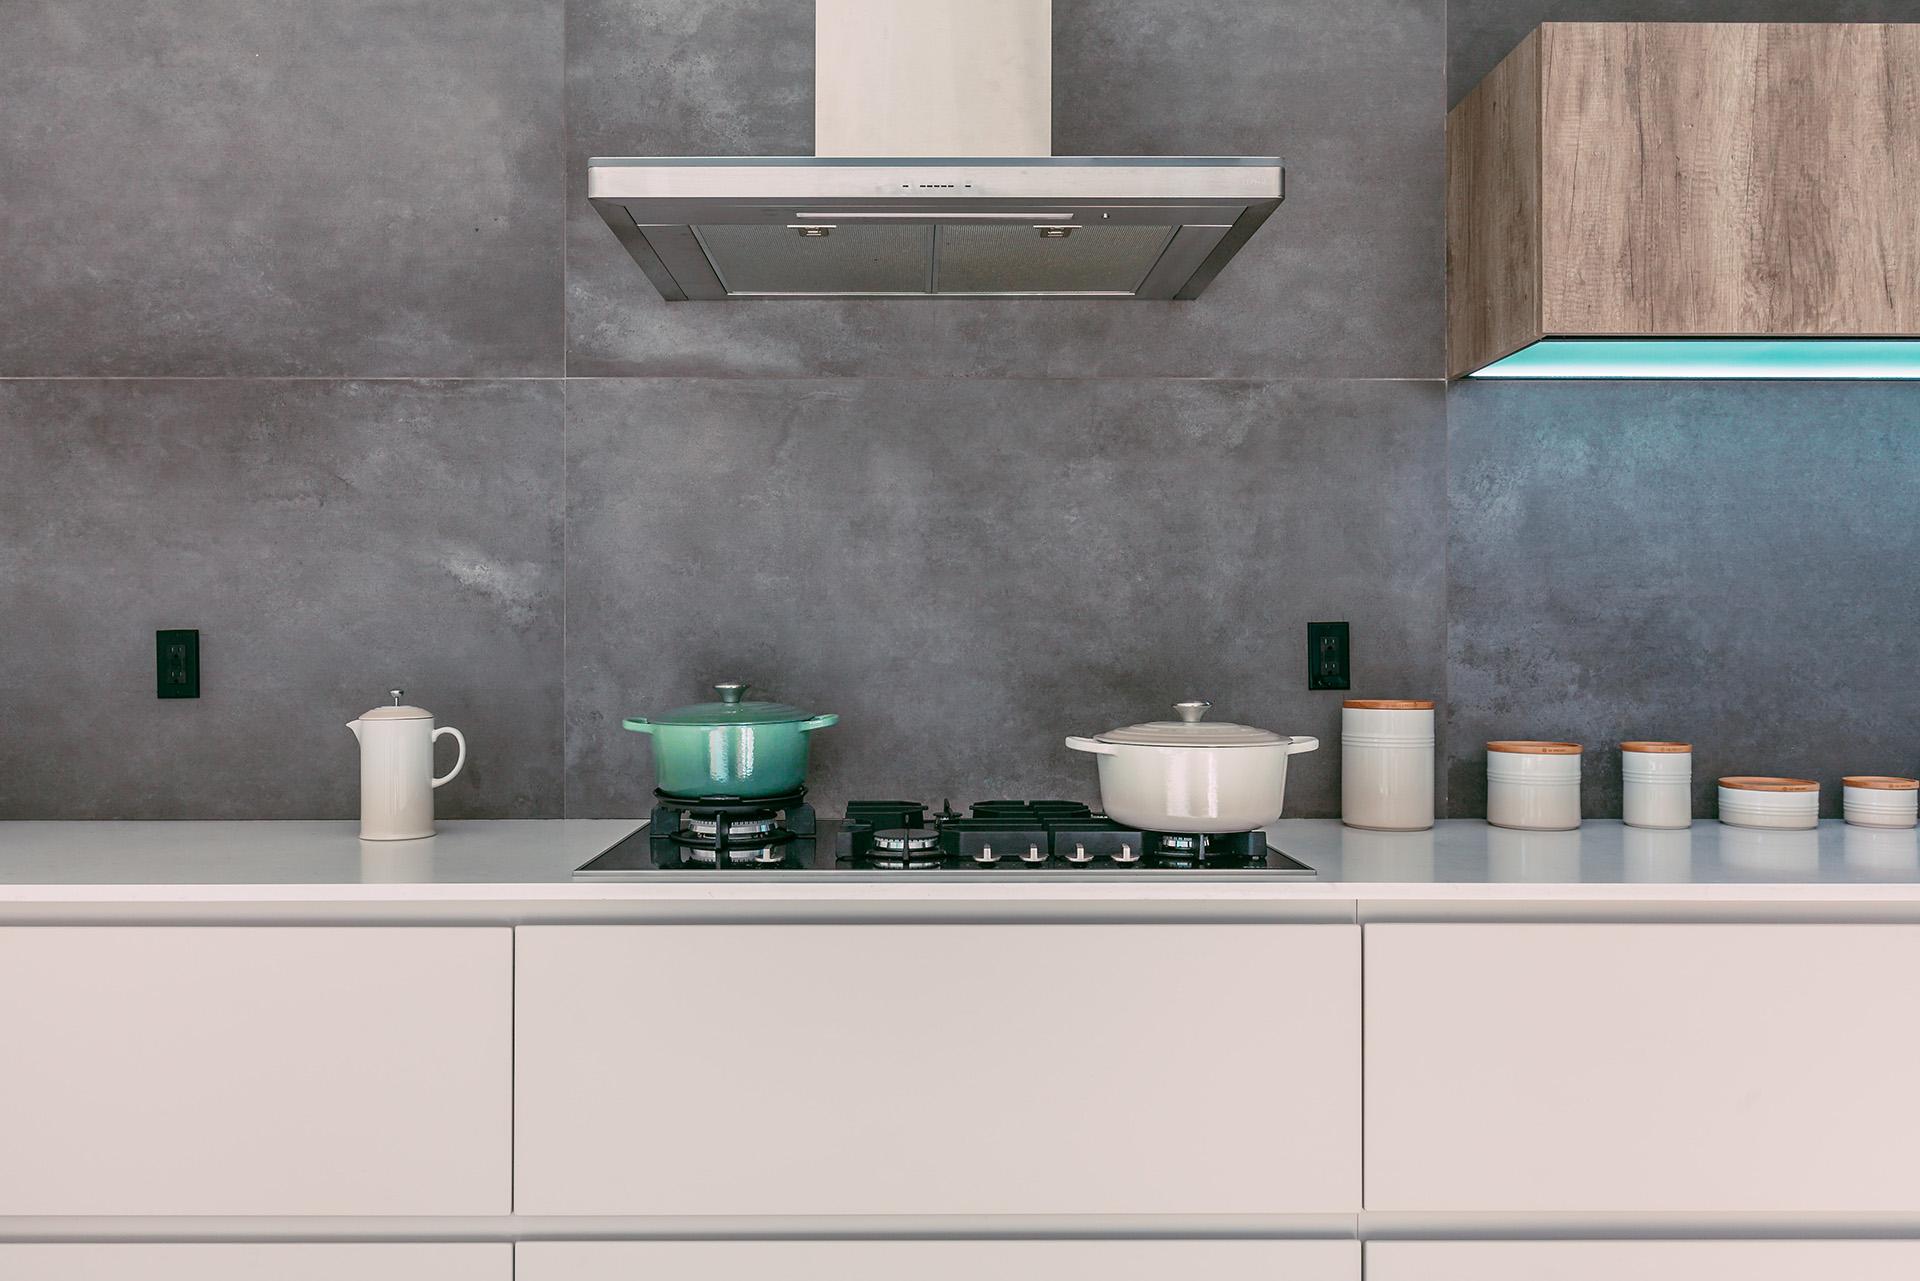 VAGUS HAUSTECHNIK - Küche mit Naturstein Fliesen